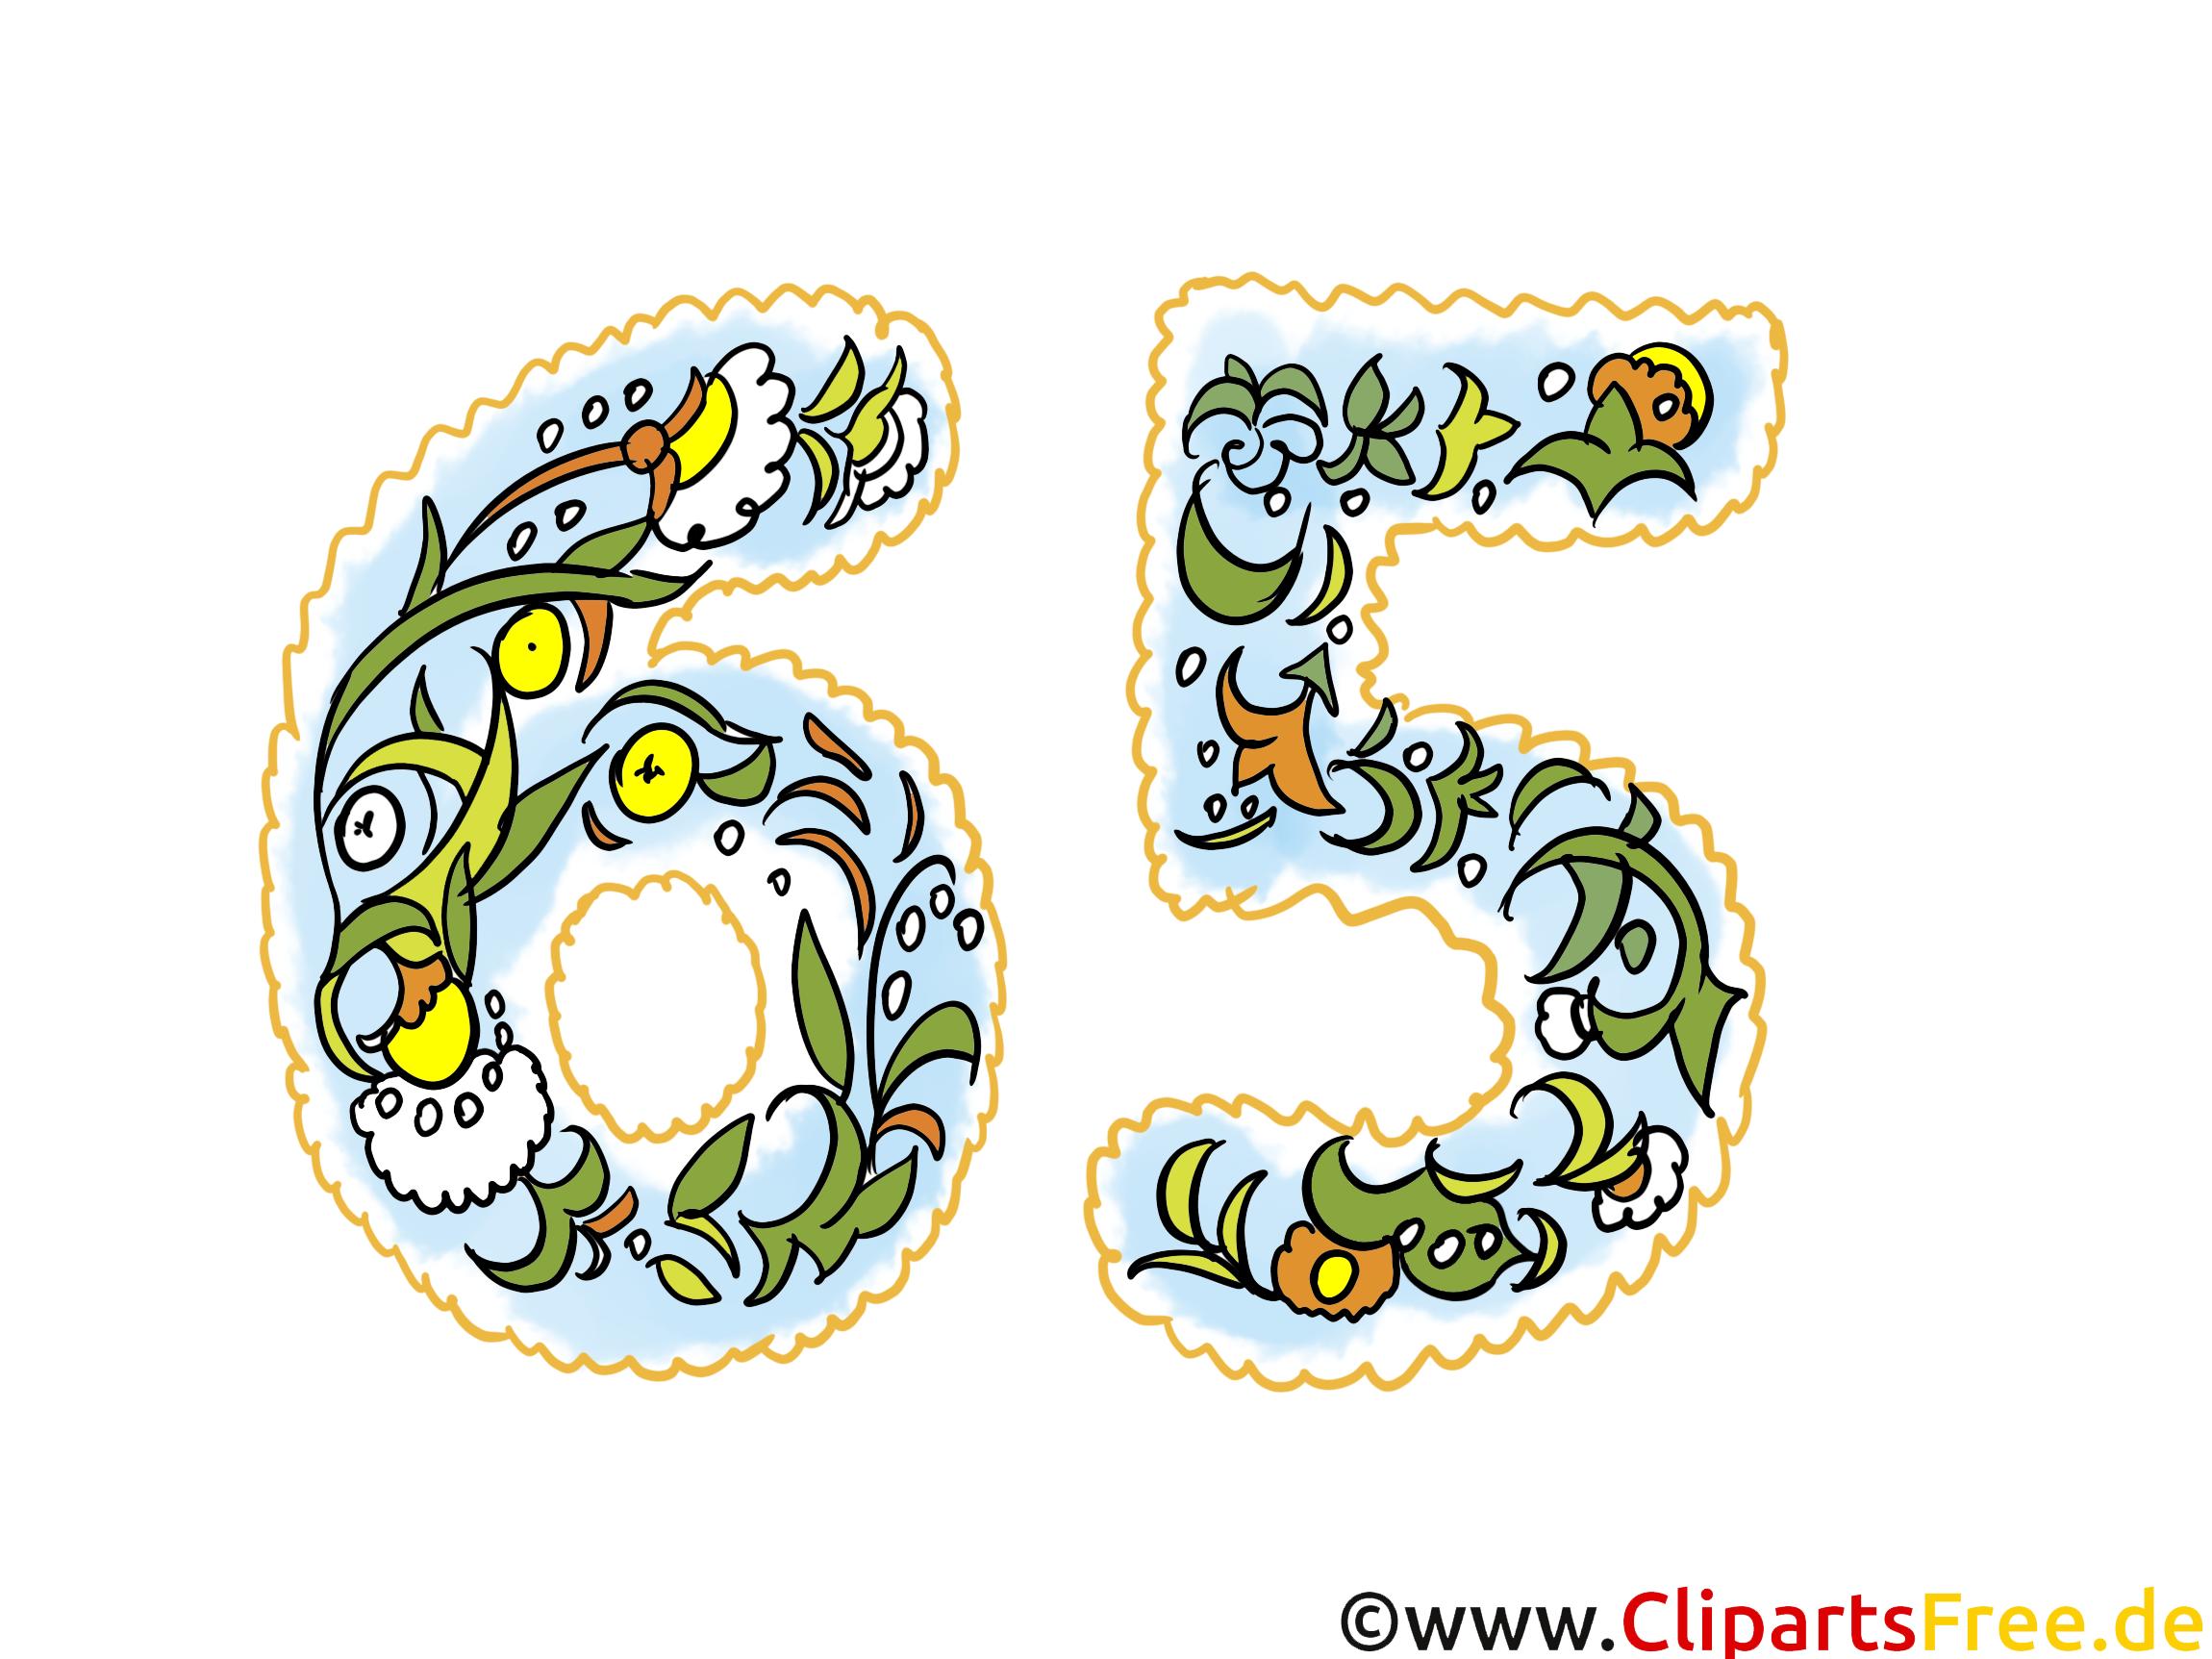 Glückwunschkarte 65 Jahre Jubiläum   Glückwunschkarte, Clipart, Bild,  Grafik Für Einladung